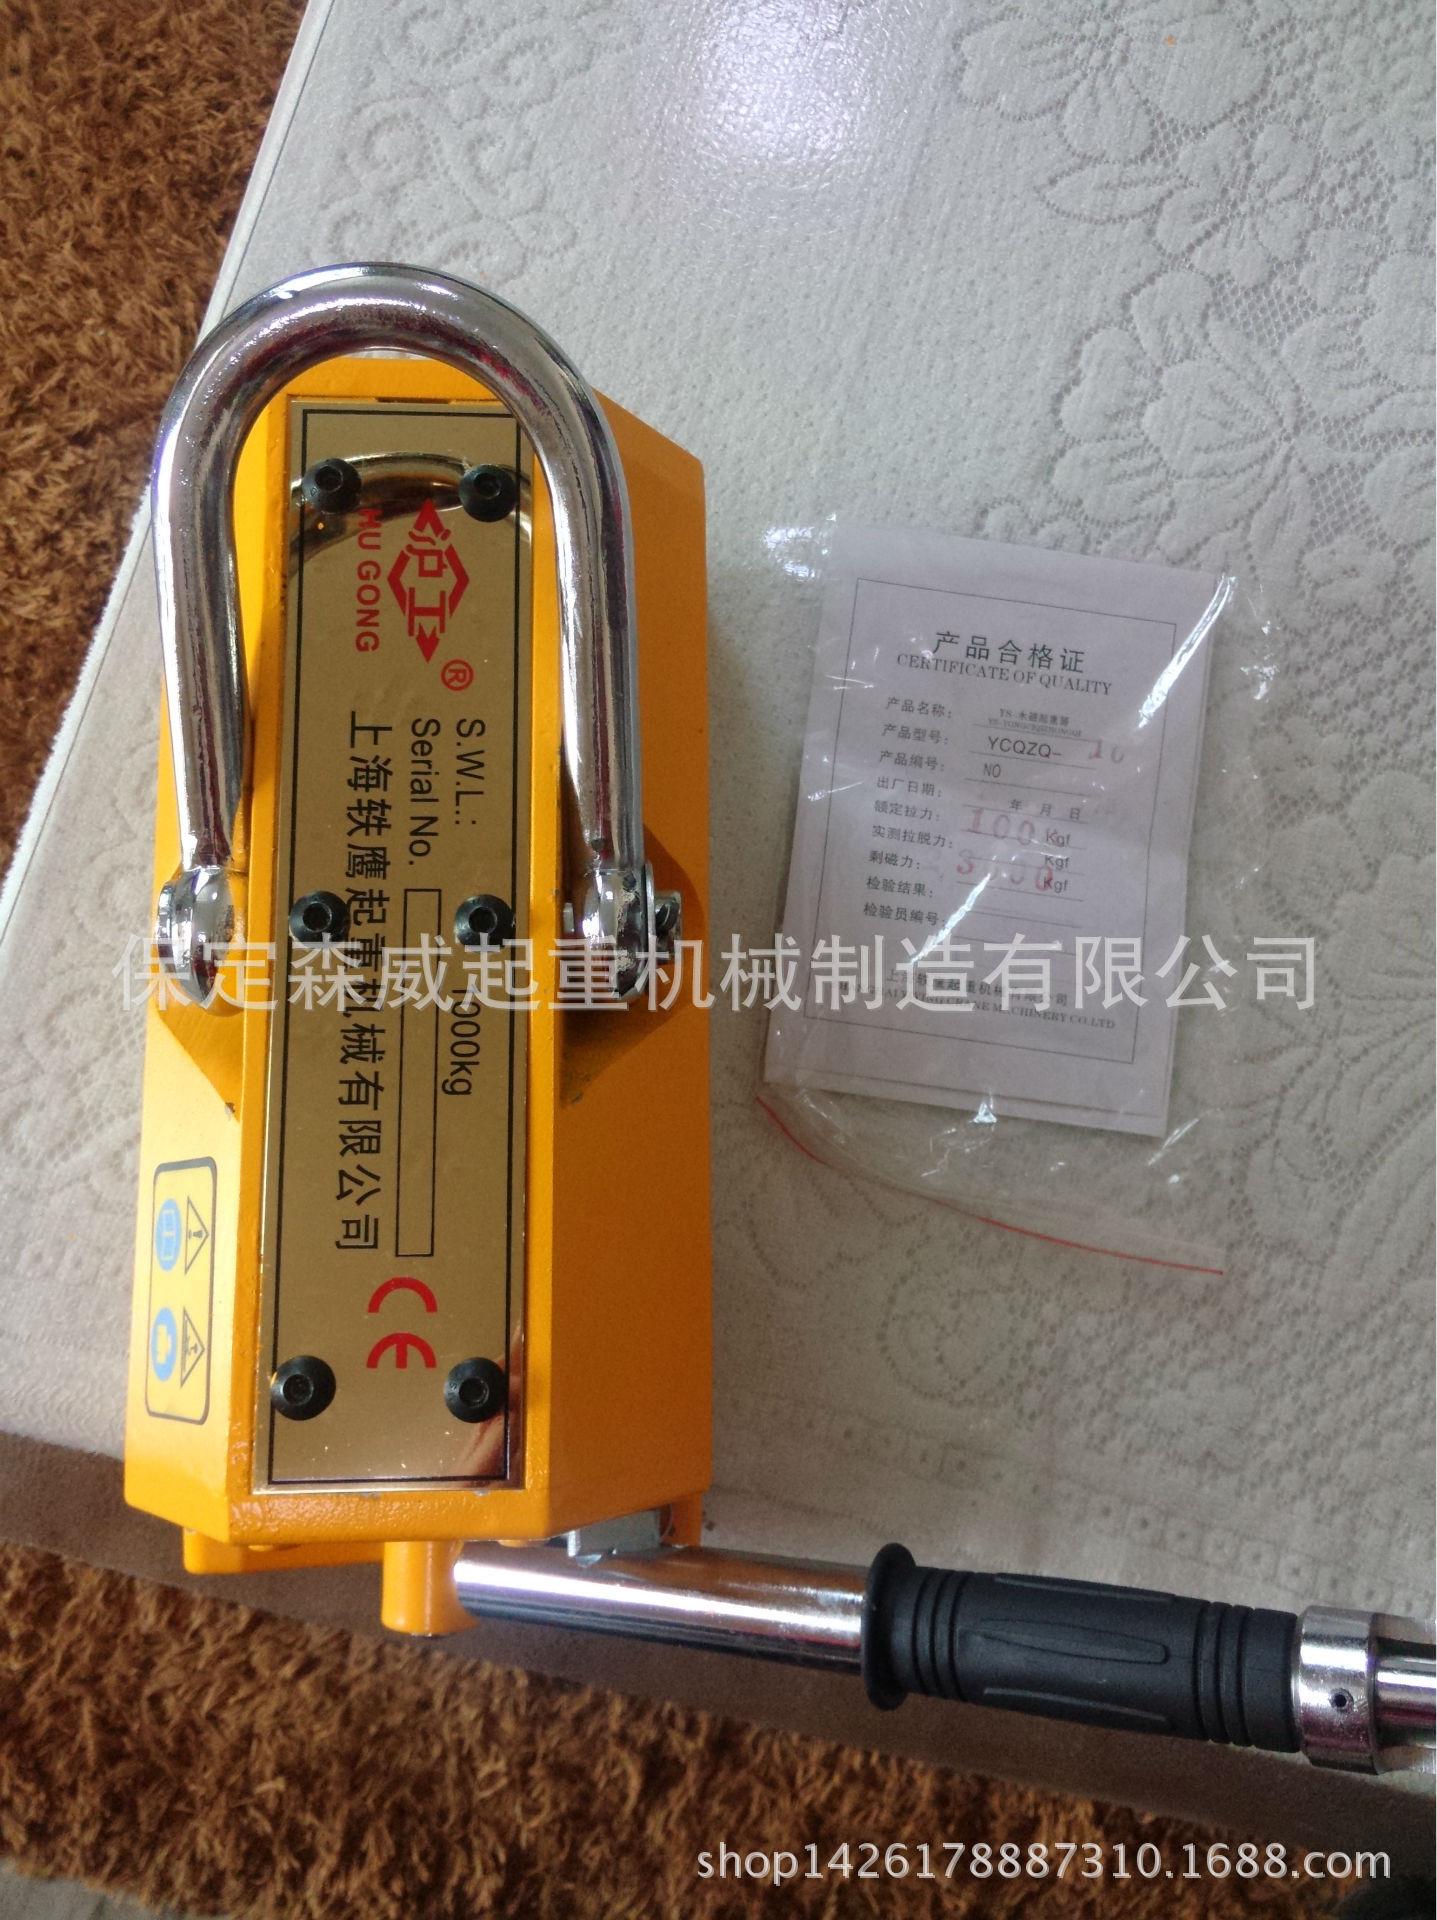 永磁起重吸盘-吸取重物的吊具 起重吸盘厂家直销 价格优惠